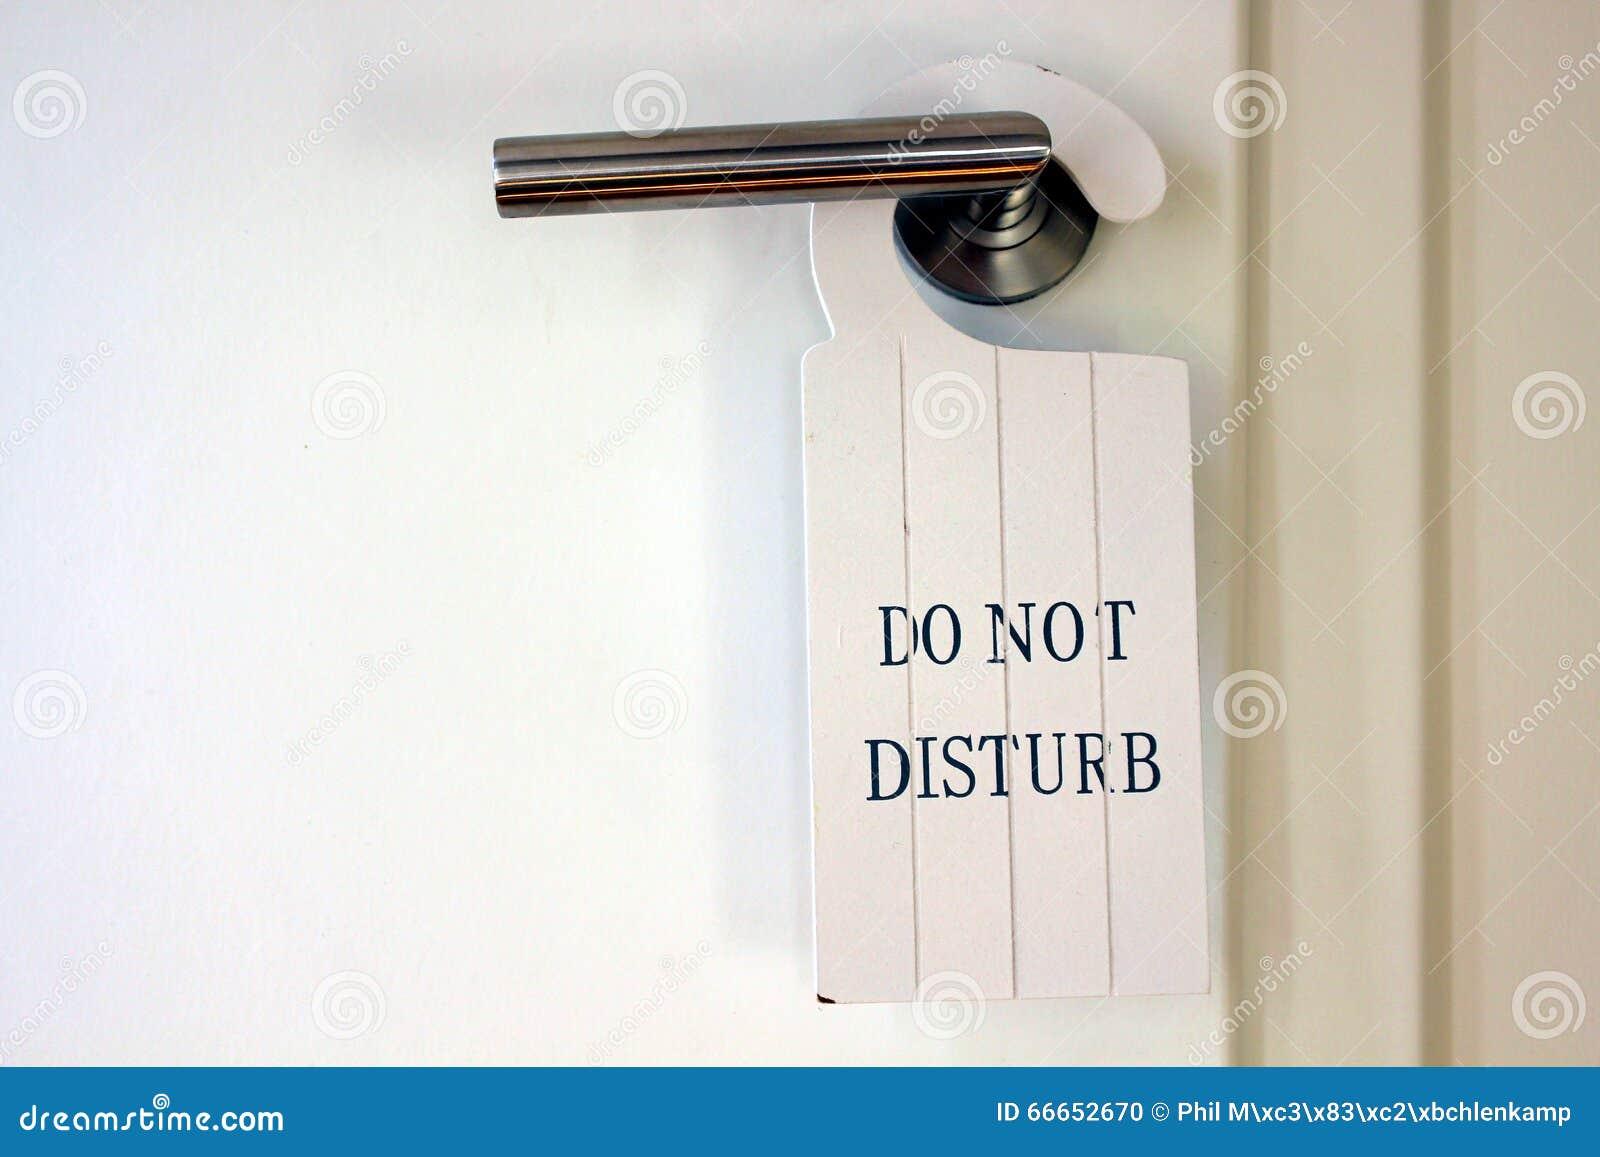 Toilet/restroom Door With Decorative Wooden Do Not Disturb ...